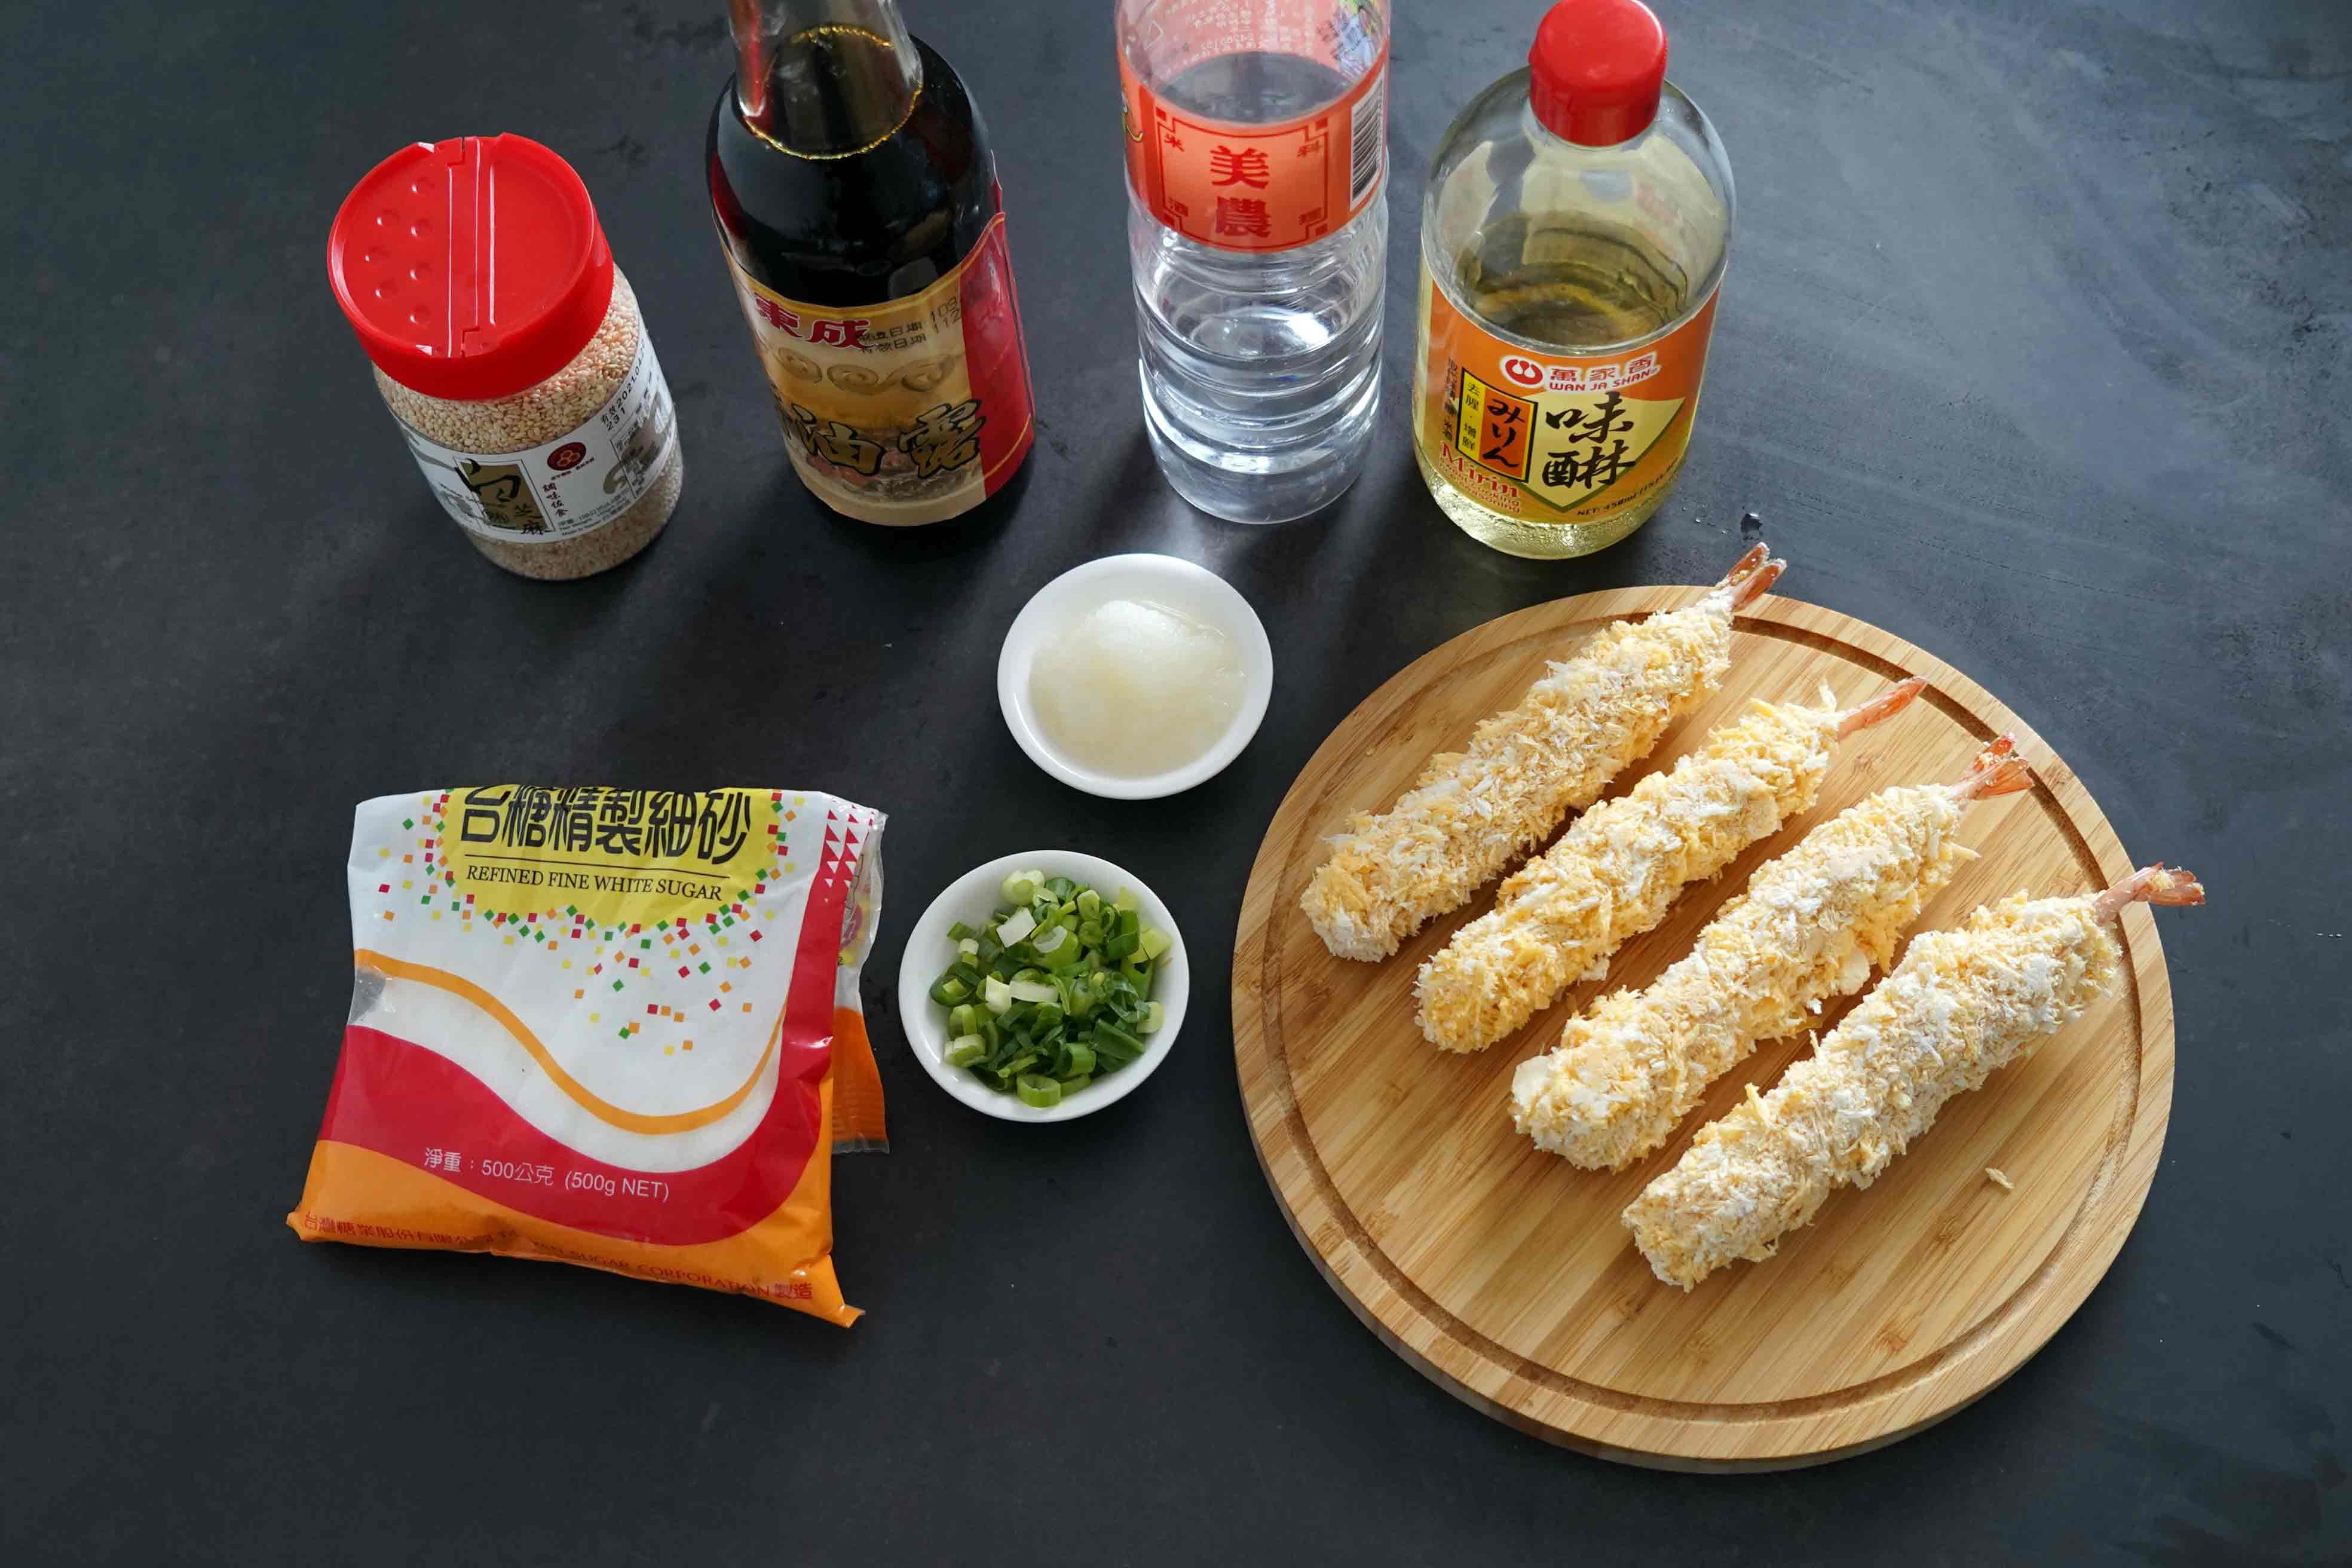 【超奢華】金黃酥脆滿滿炸蝦丼 自己做百元有找